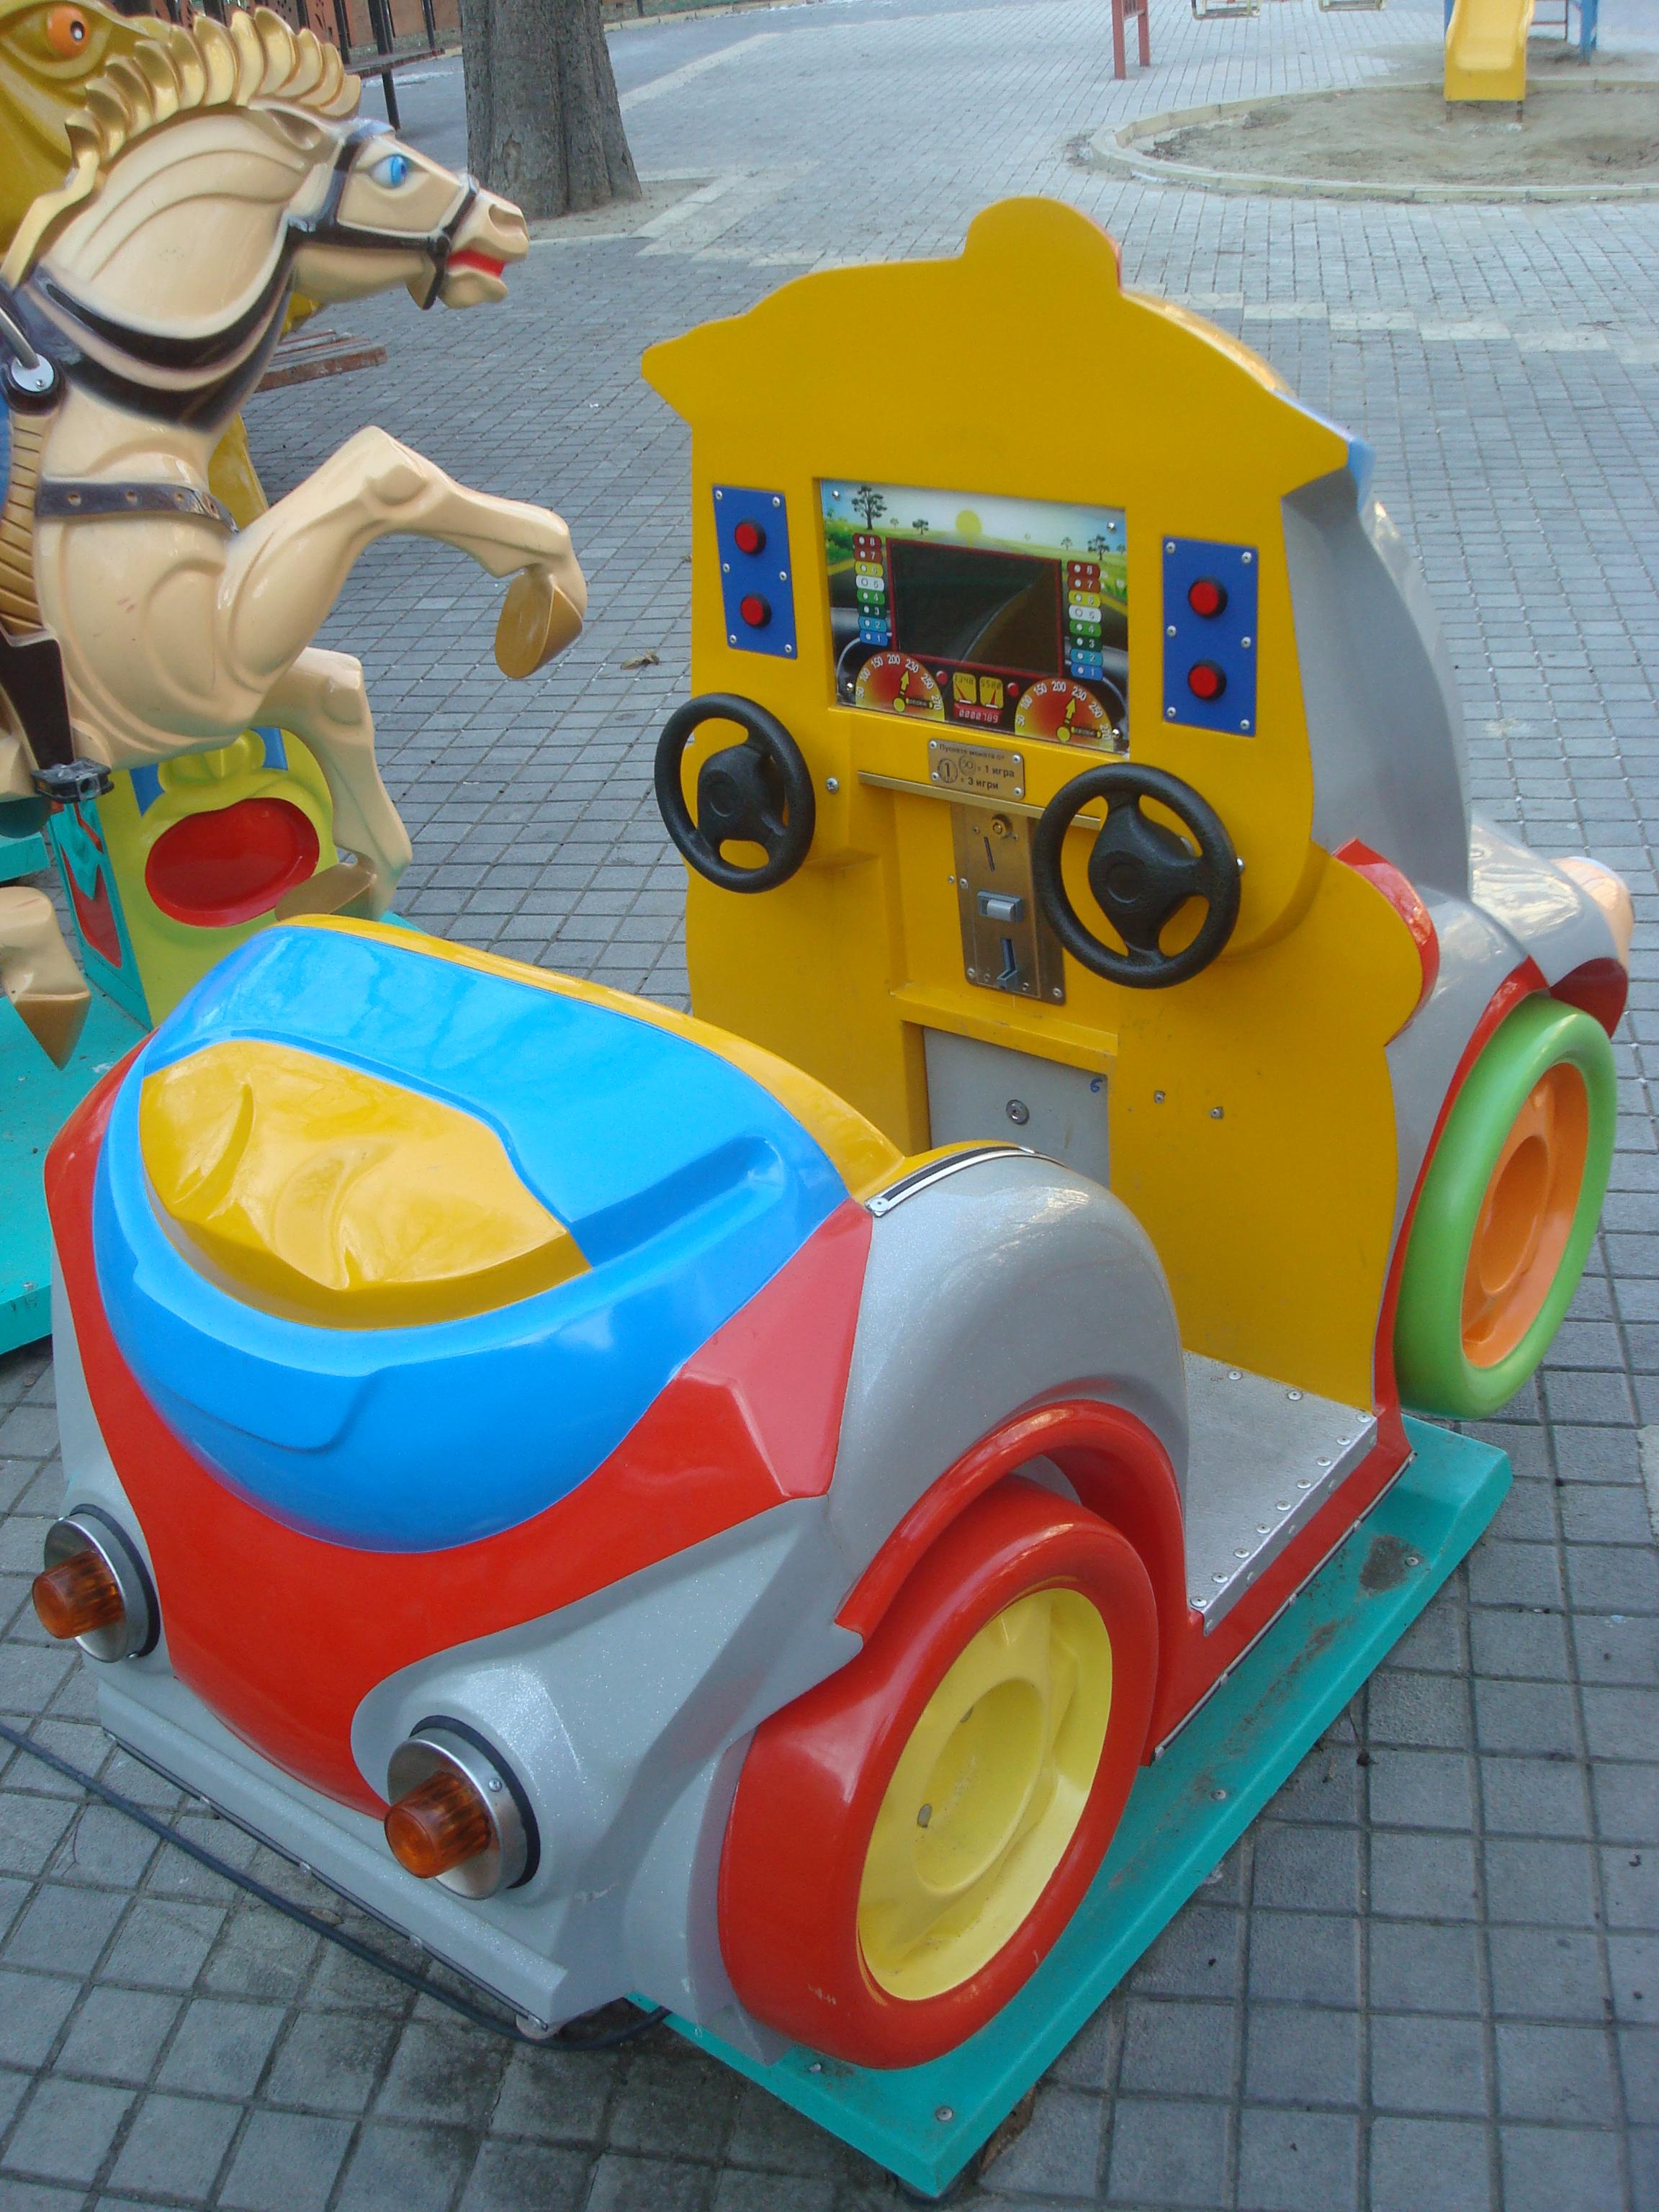 Children's playground, Amusement, Attraction, Car, Children, HQ Photo